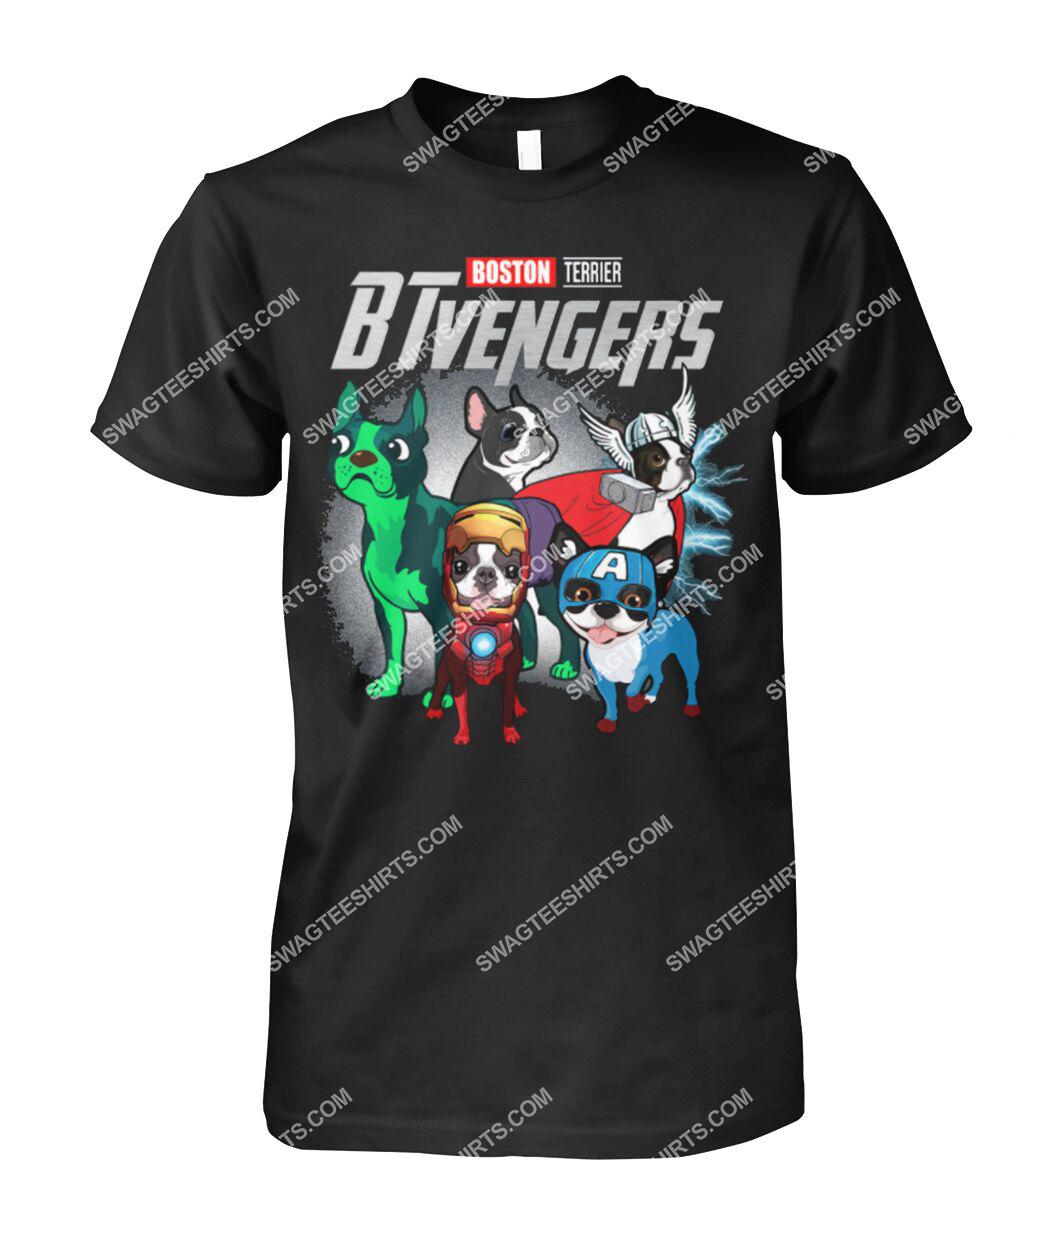 boston terrier btvengers marvel avengers dogs lover tshirt 1